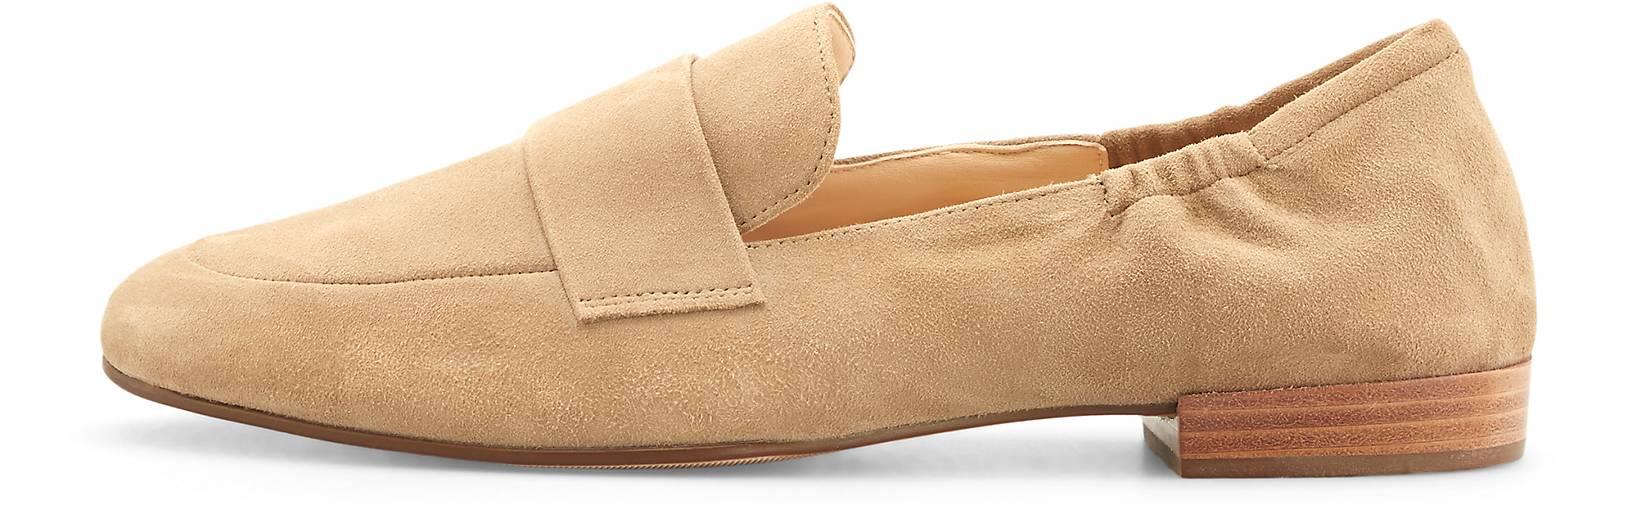 Högl Penny-Loafer